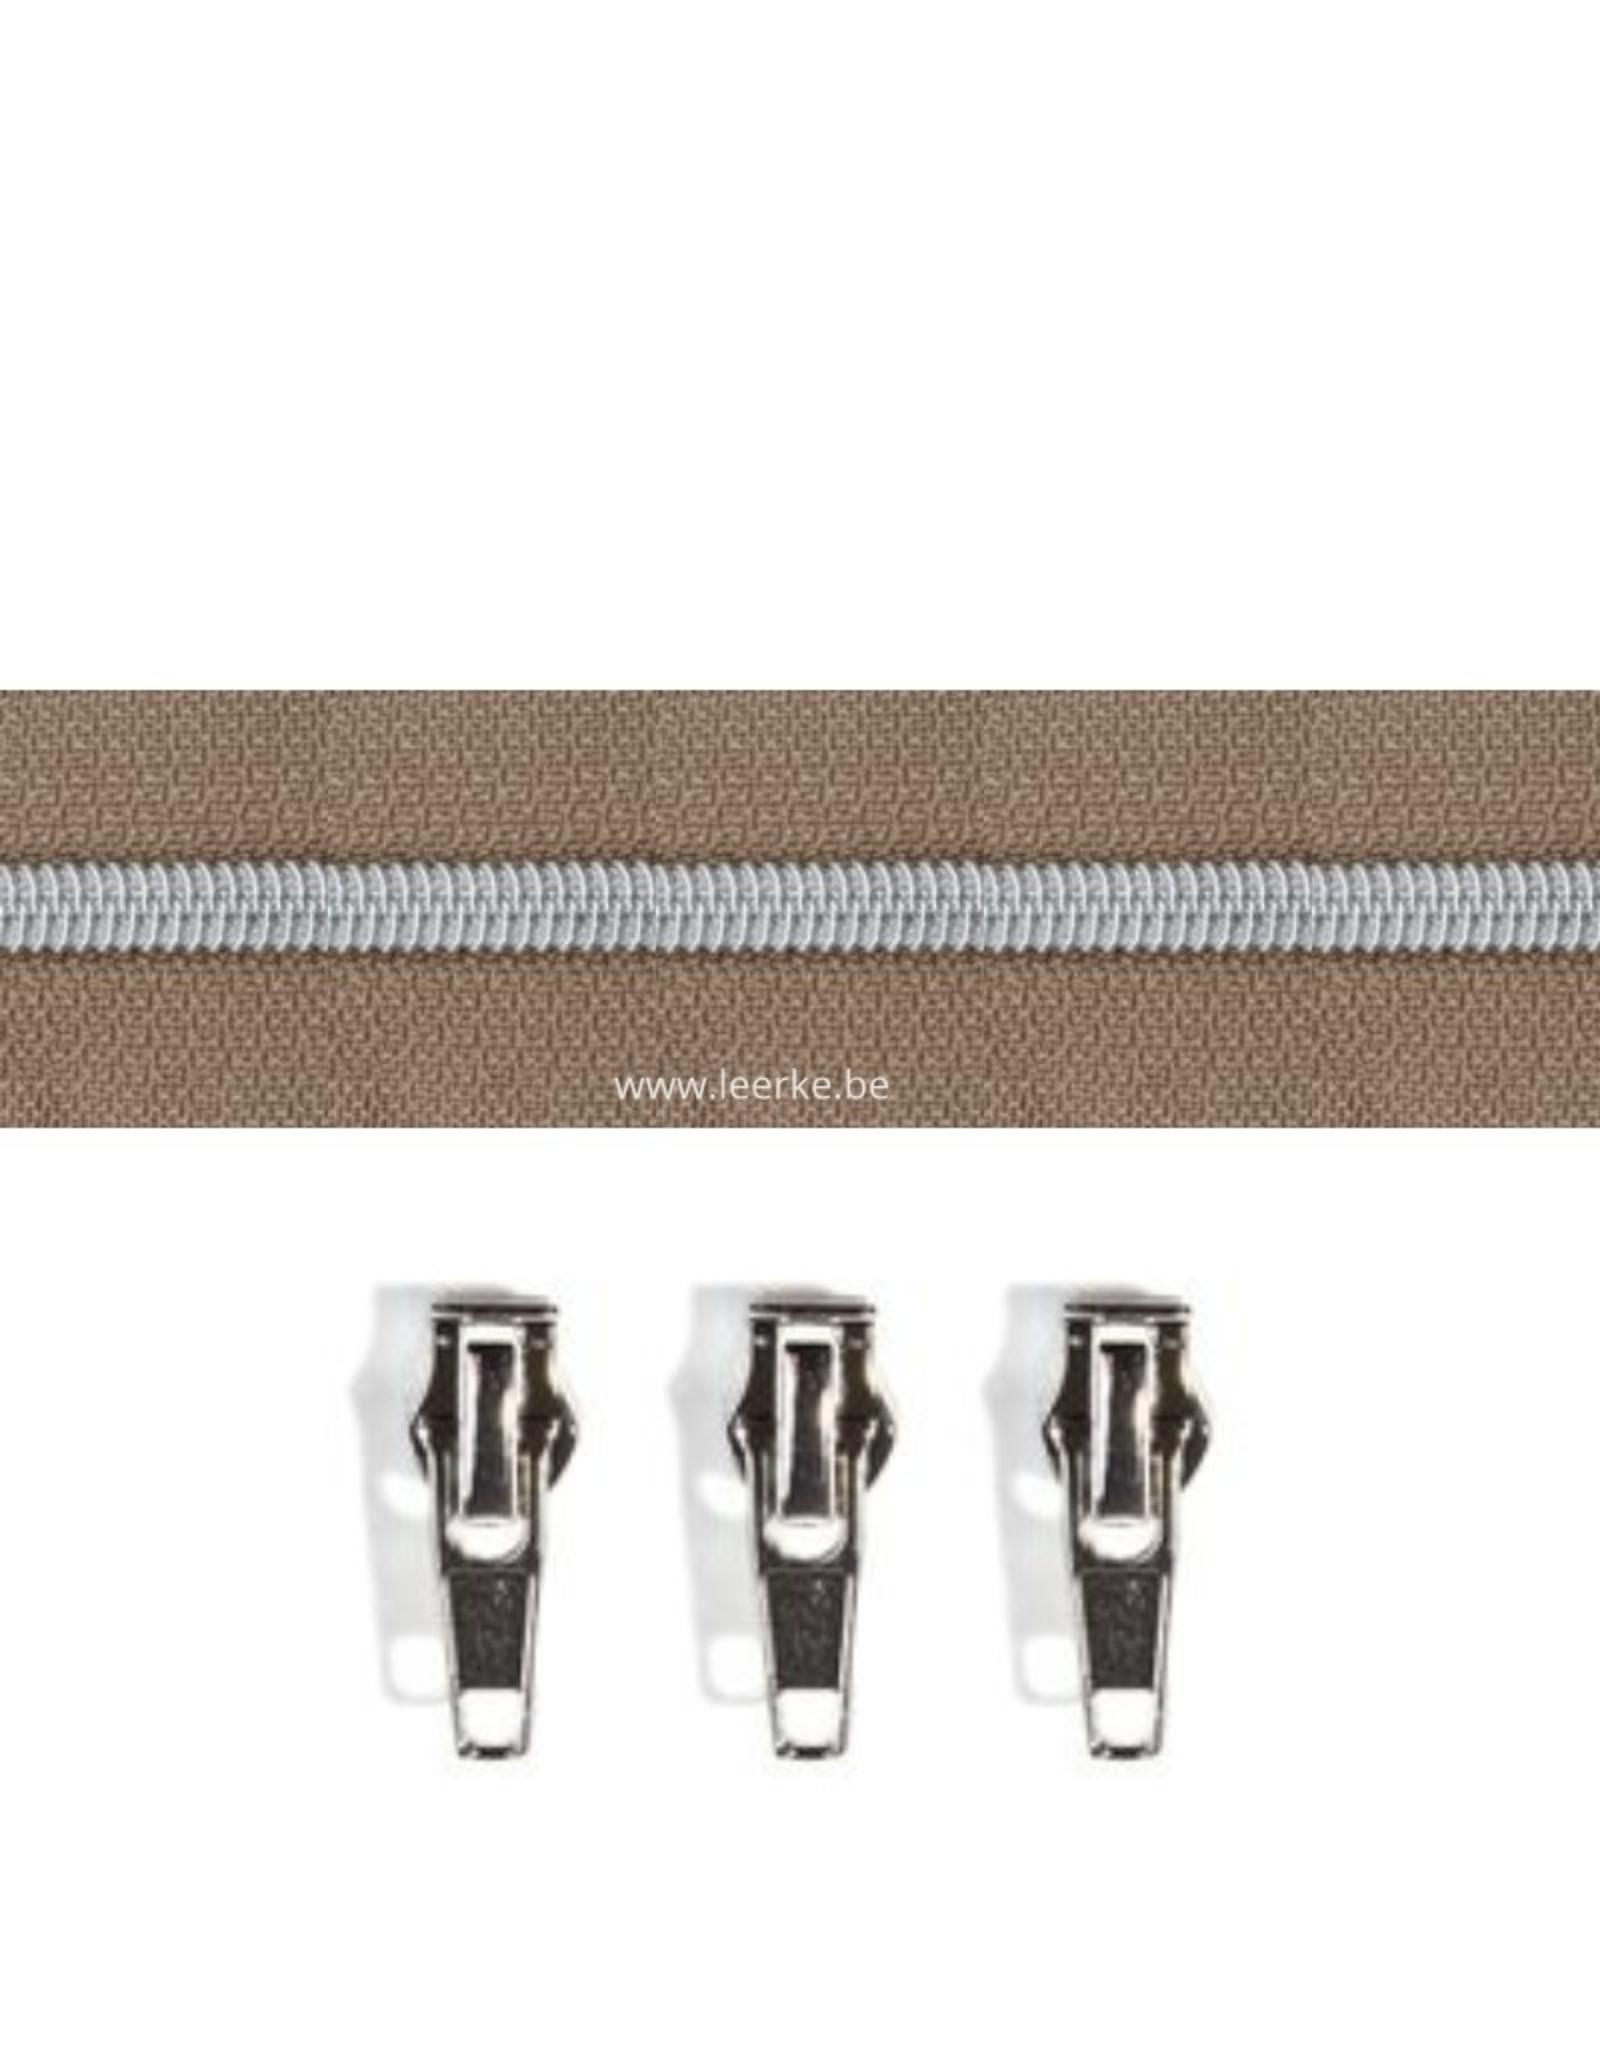 Rits per meter (incl. 3 trekkers) - Zilver- Zachtbruin- Size 6,5